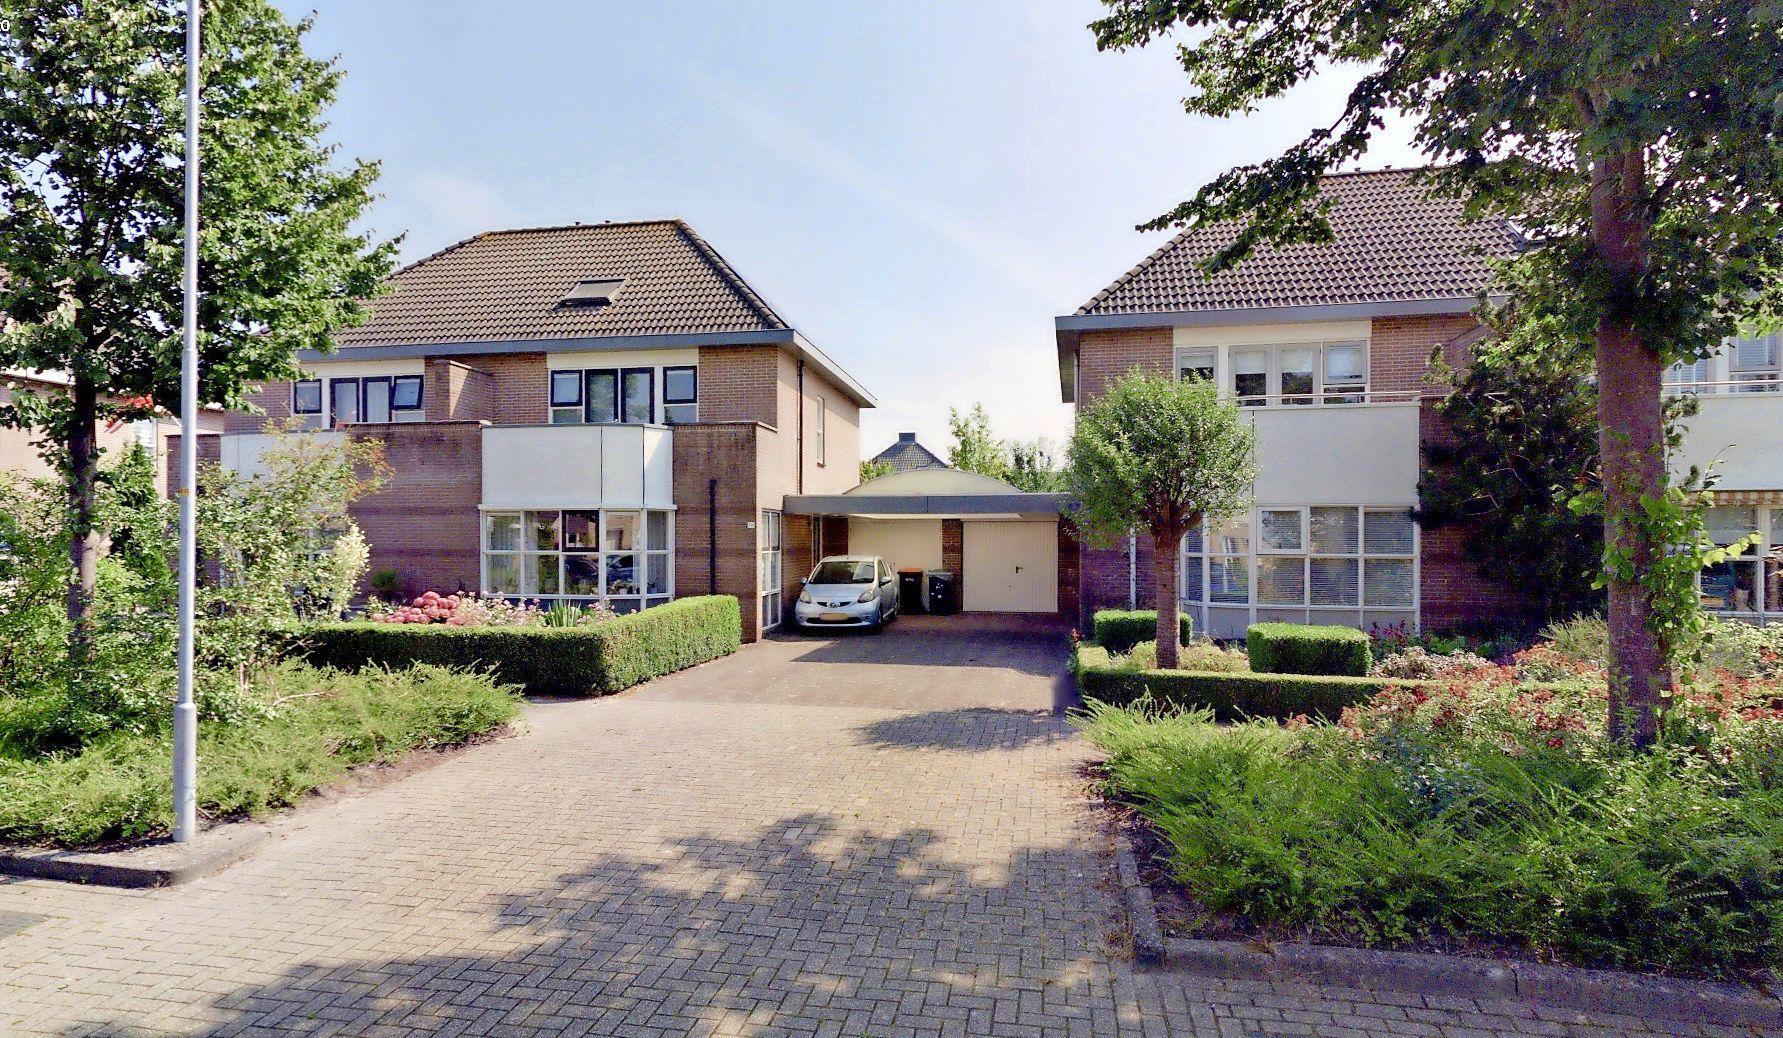 Opmeerders betalen meeste woonlasten in West-Friesland, Hoornaars en Koggenlanders betalen het minste